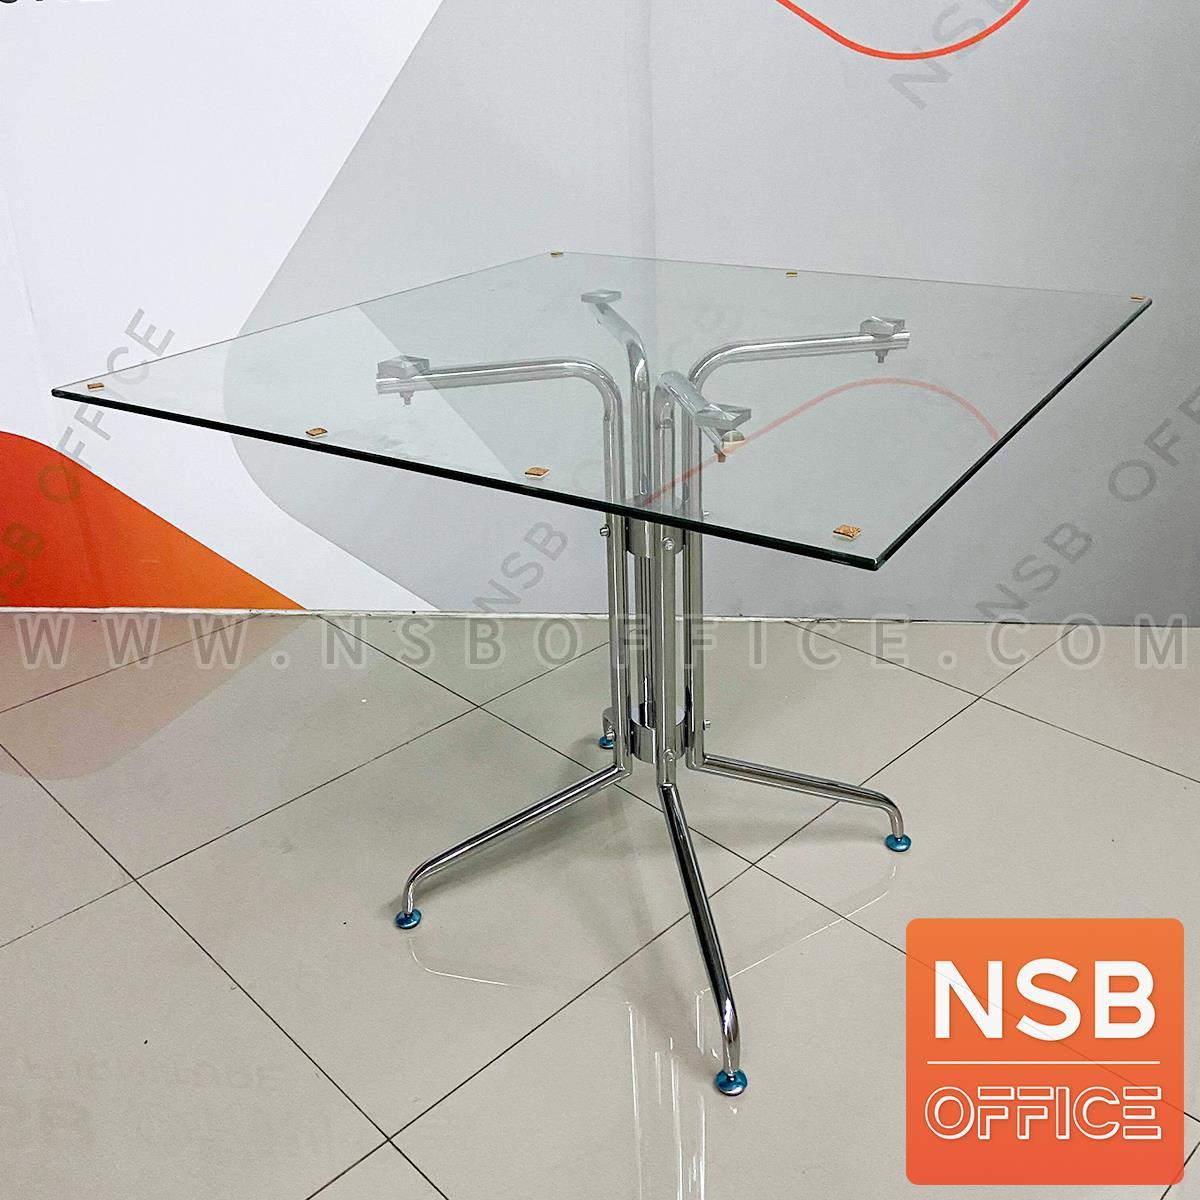 โต๊ะเหลี่ยมหน้ากระจก รุ่น Avis (เอวิส) ขนาด 90W*90D cm. ขาเหล็ก